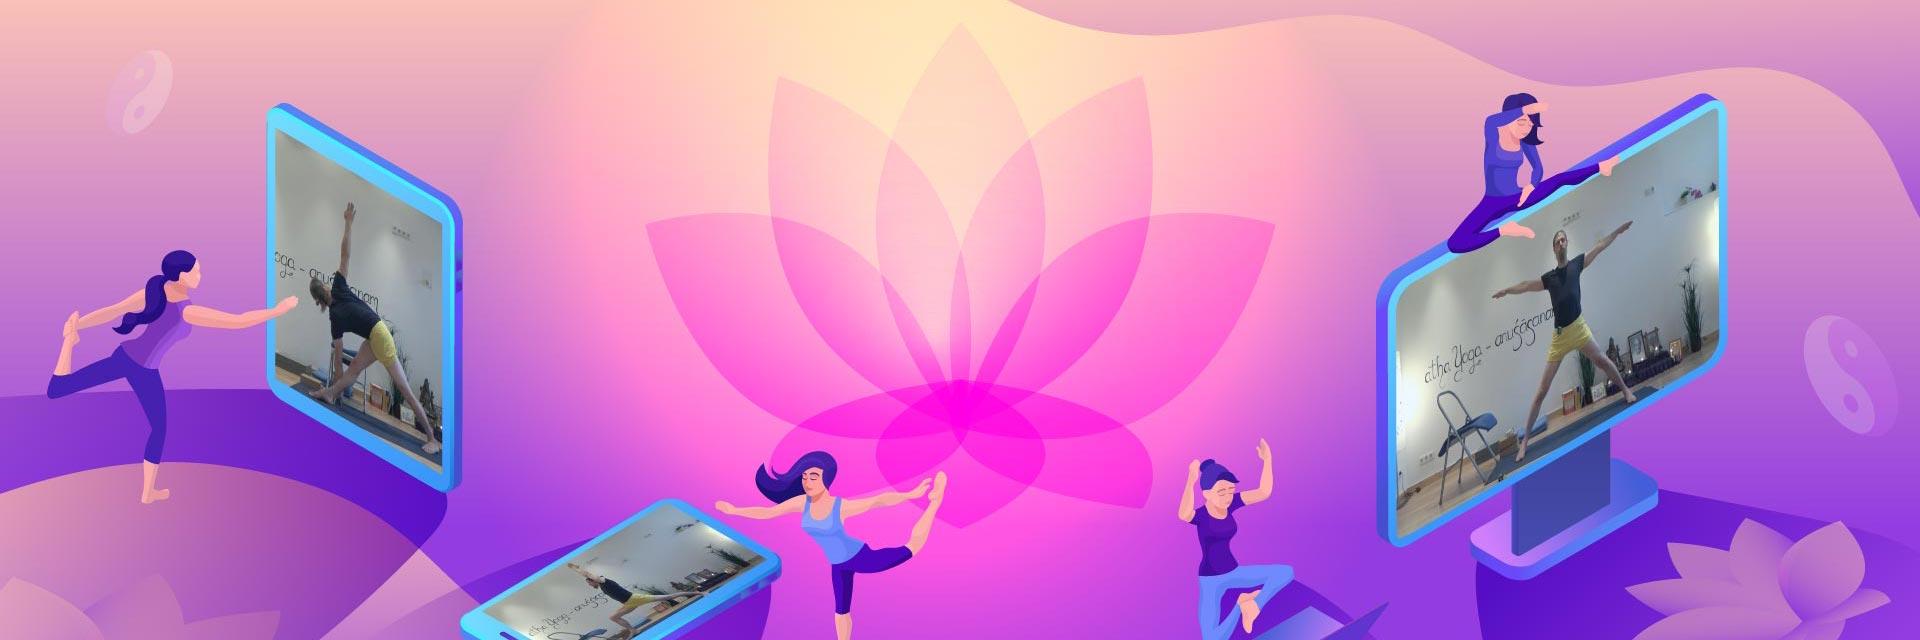 Adamus Yoga Studio gibt neu auch Onlinekurse